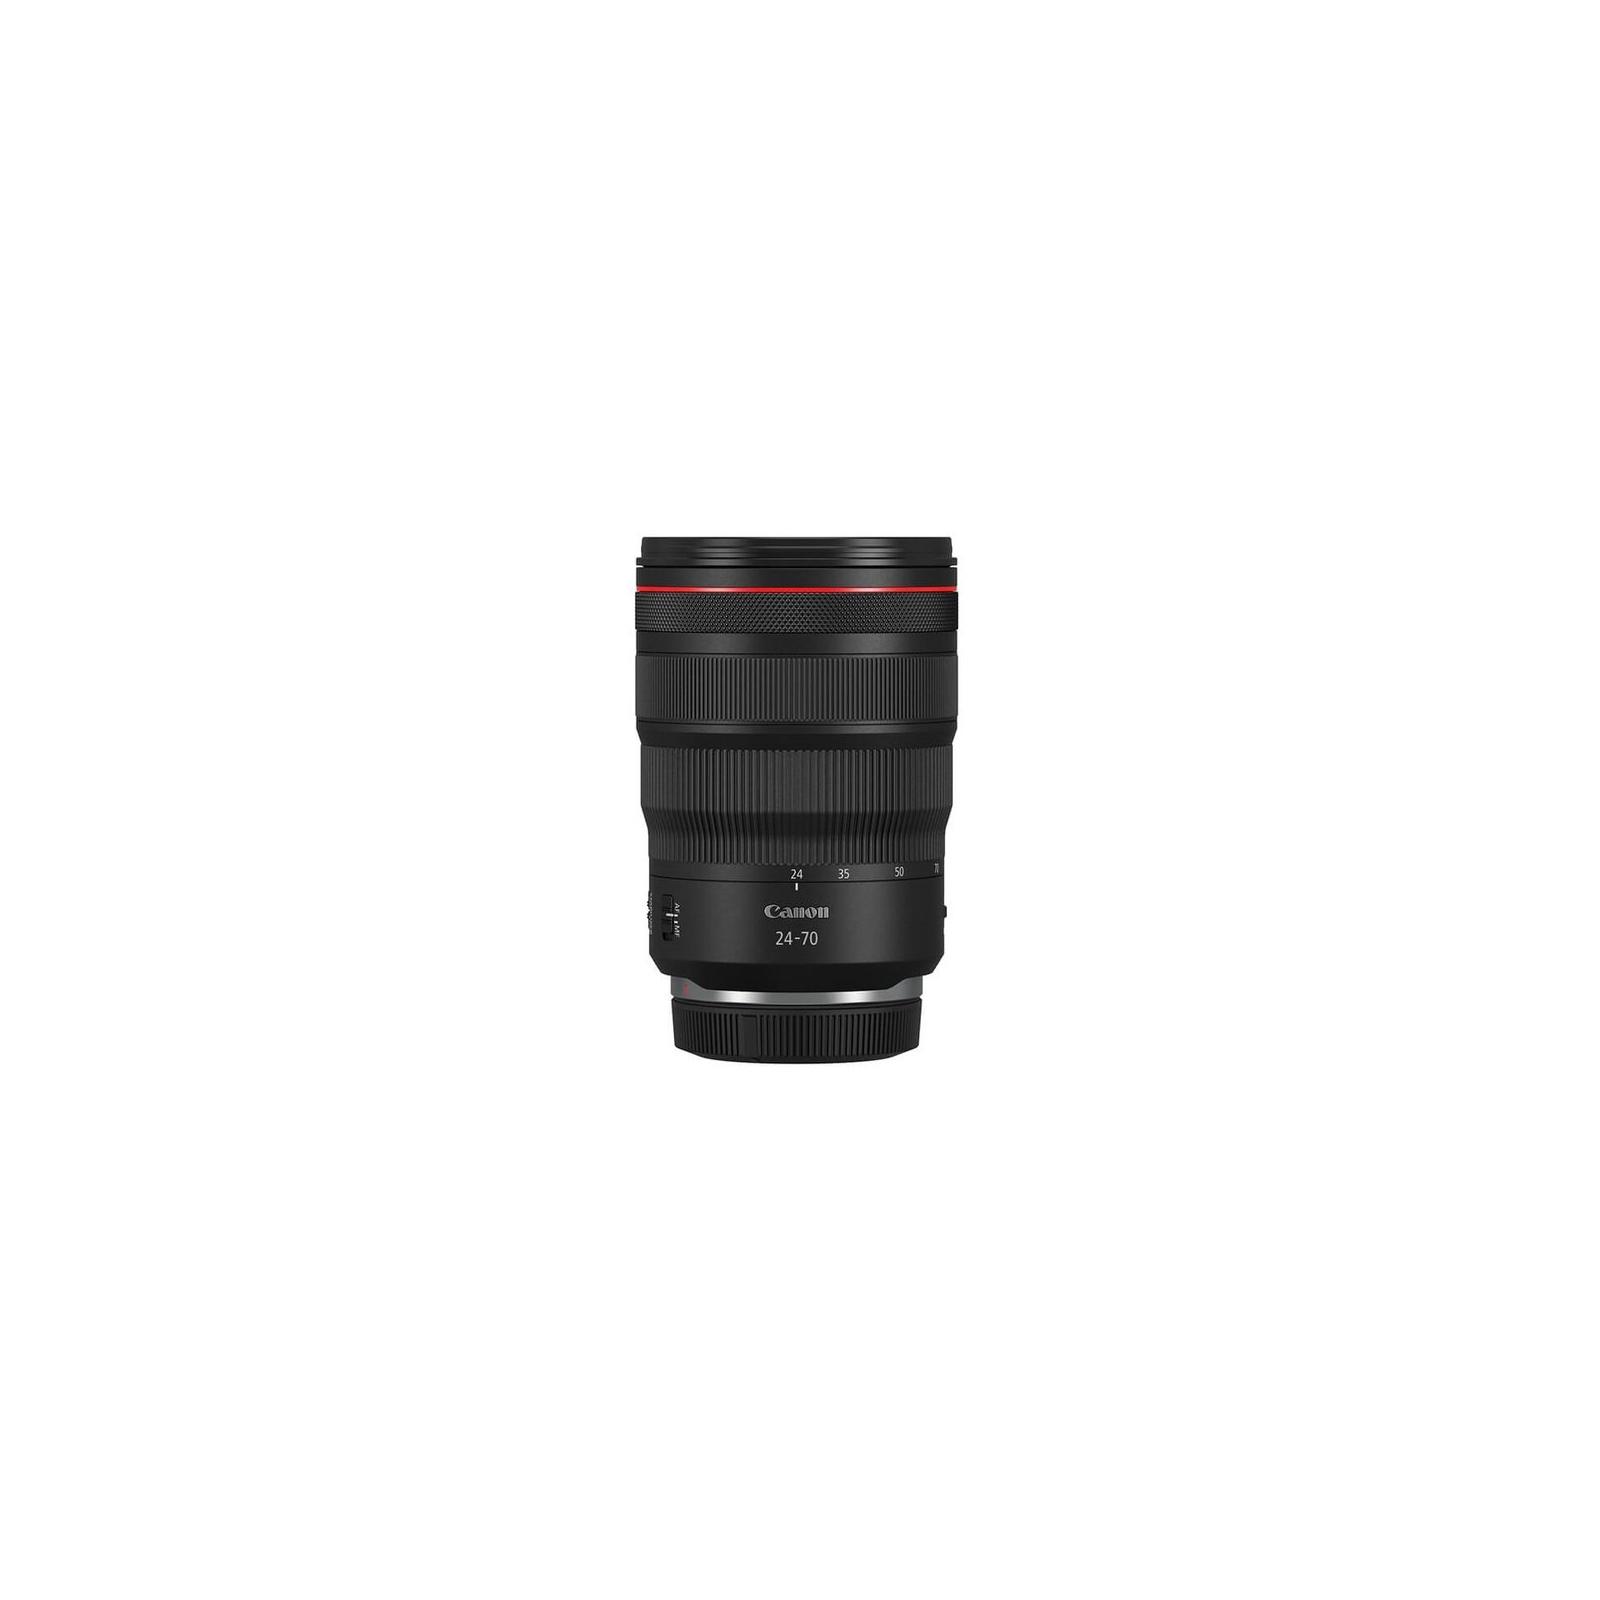 Объектив Canon RF 24-70mm f/2.8 L IS USM (3680C005) изображение 5